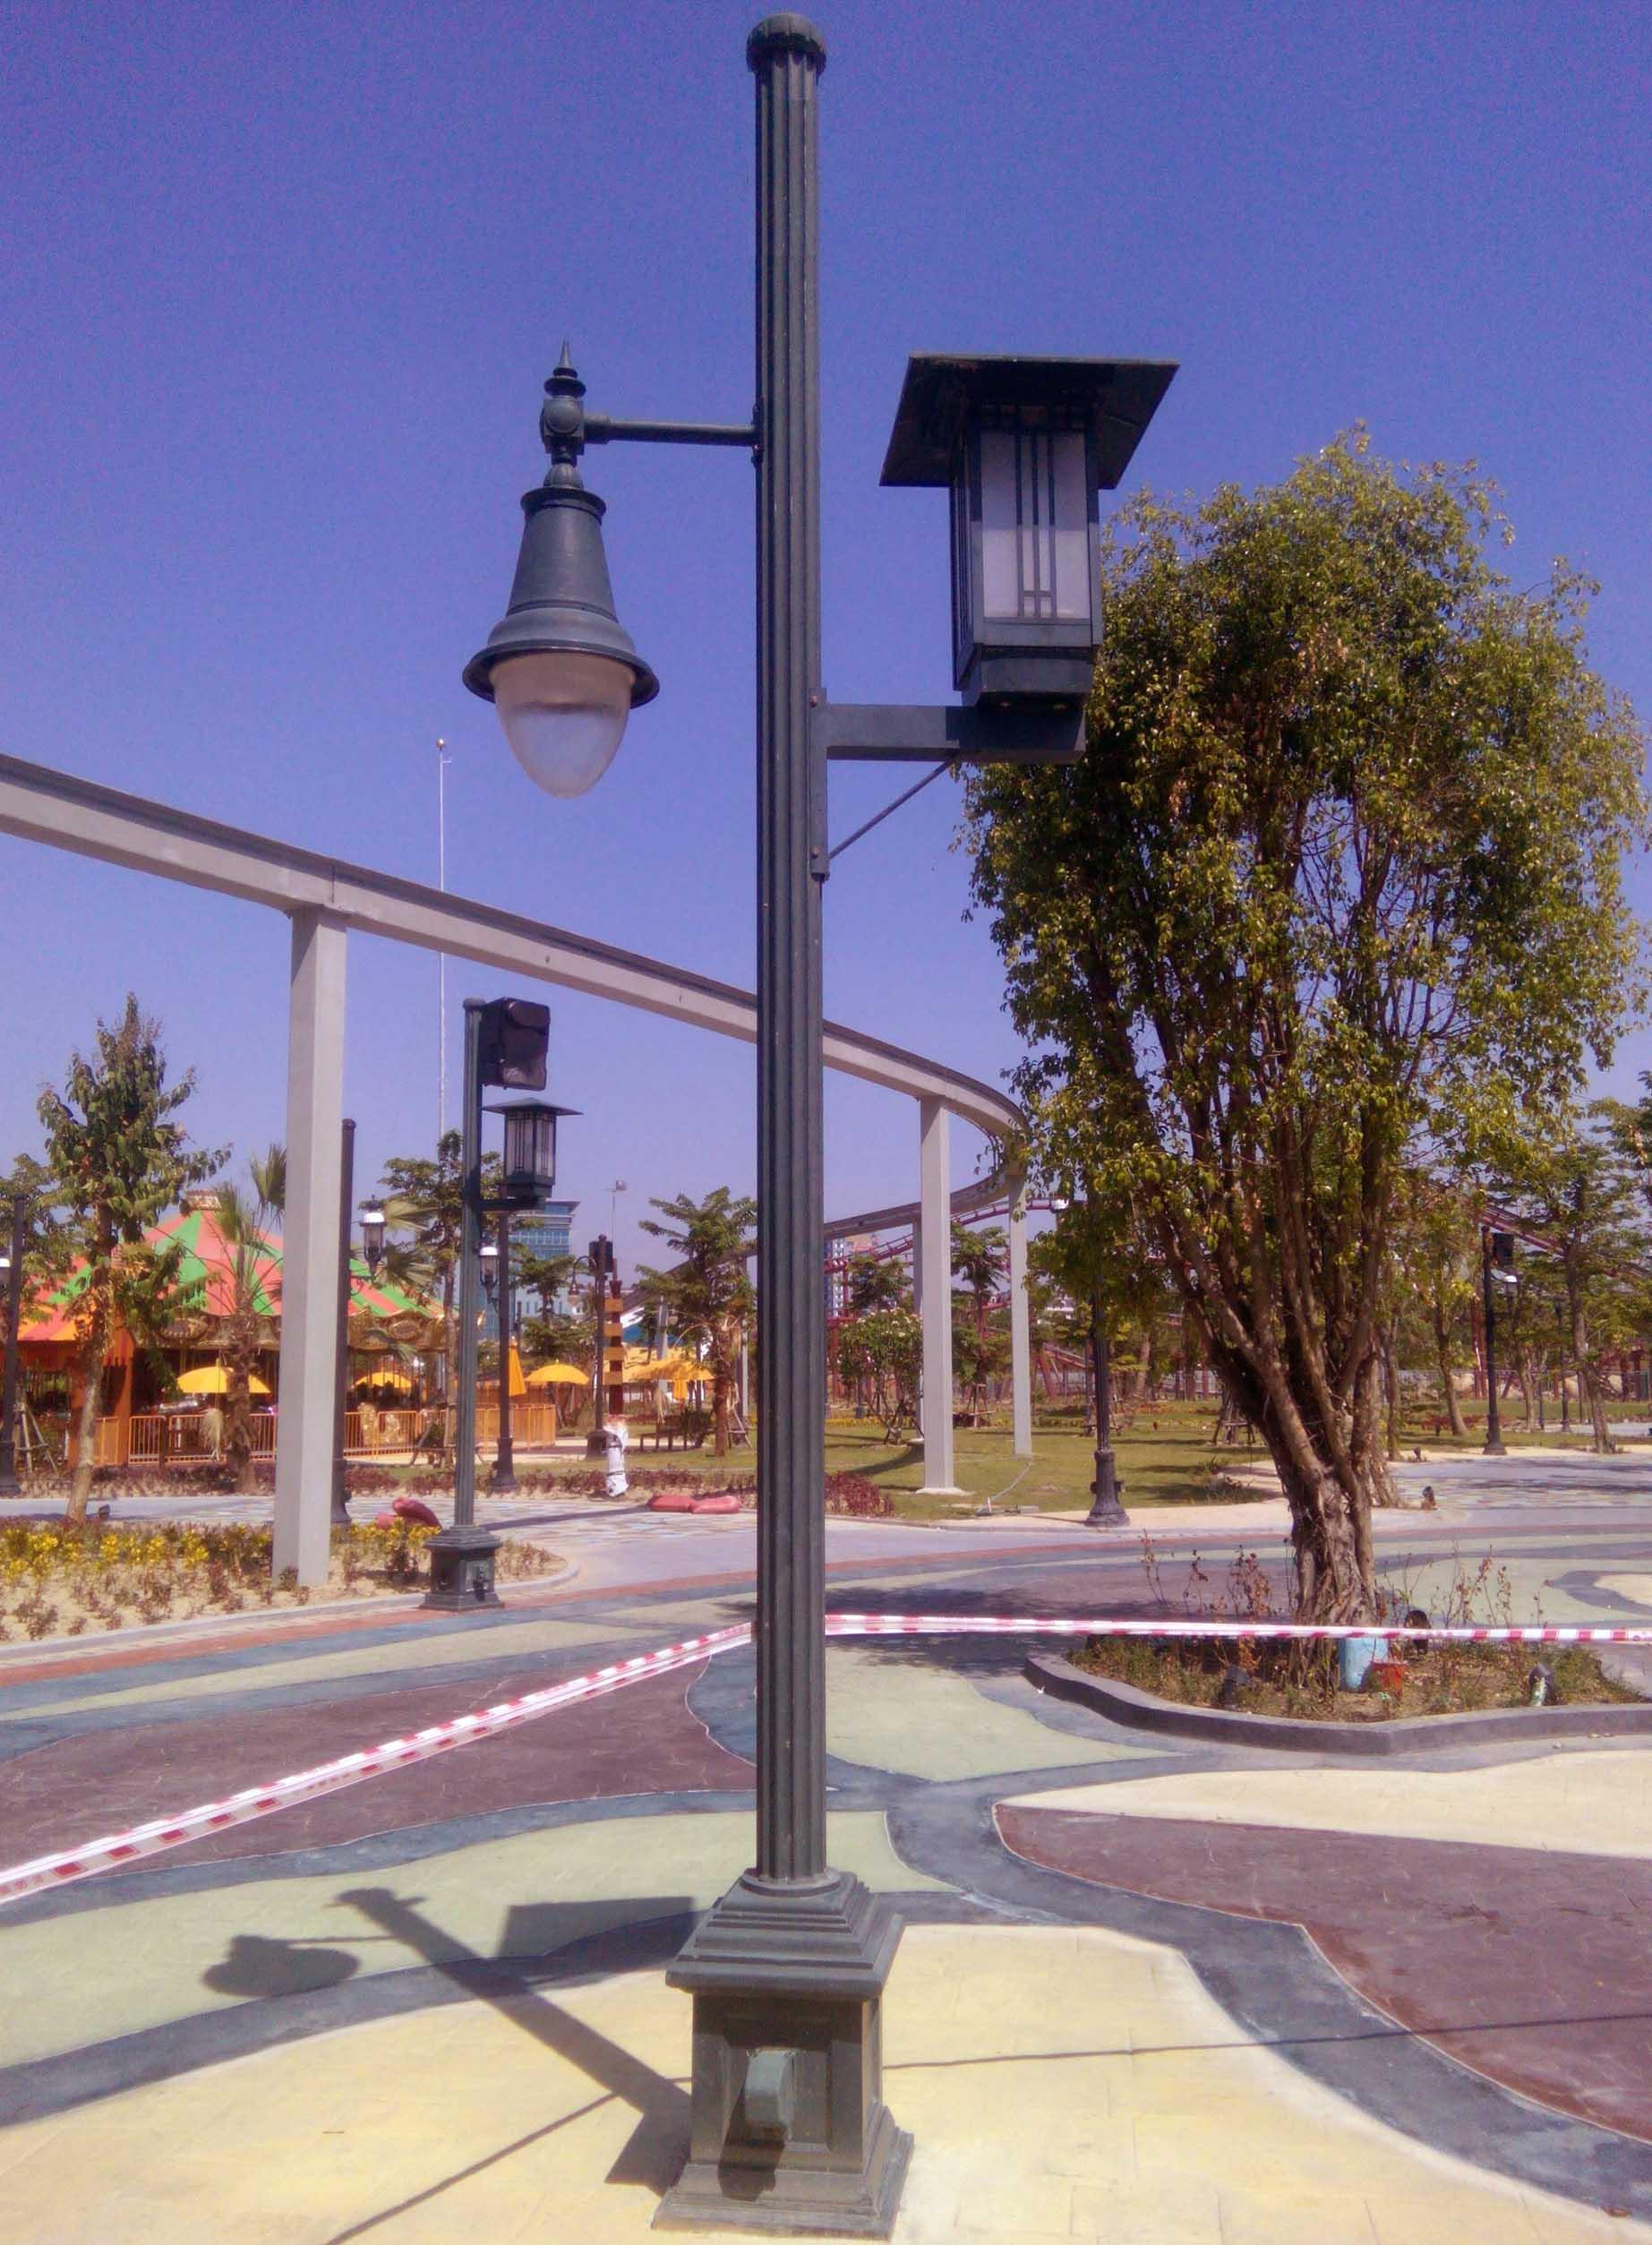 Trụ đèn sân vườn APC kiểu 2 tay tròn và vuông